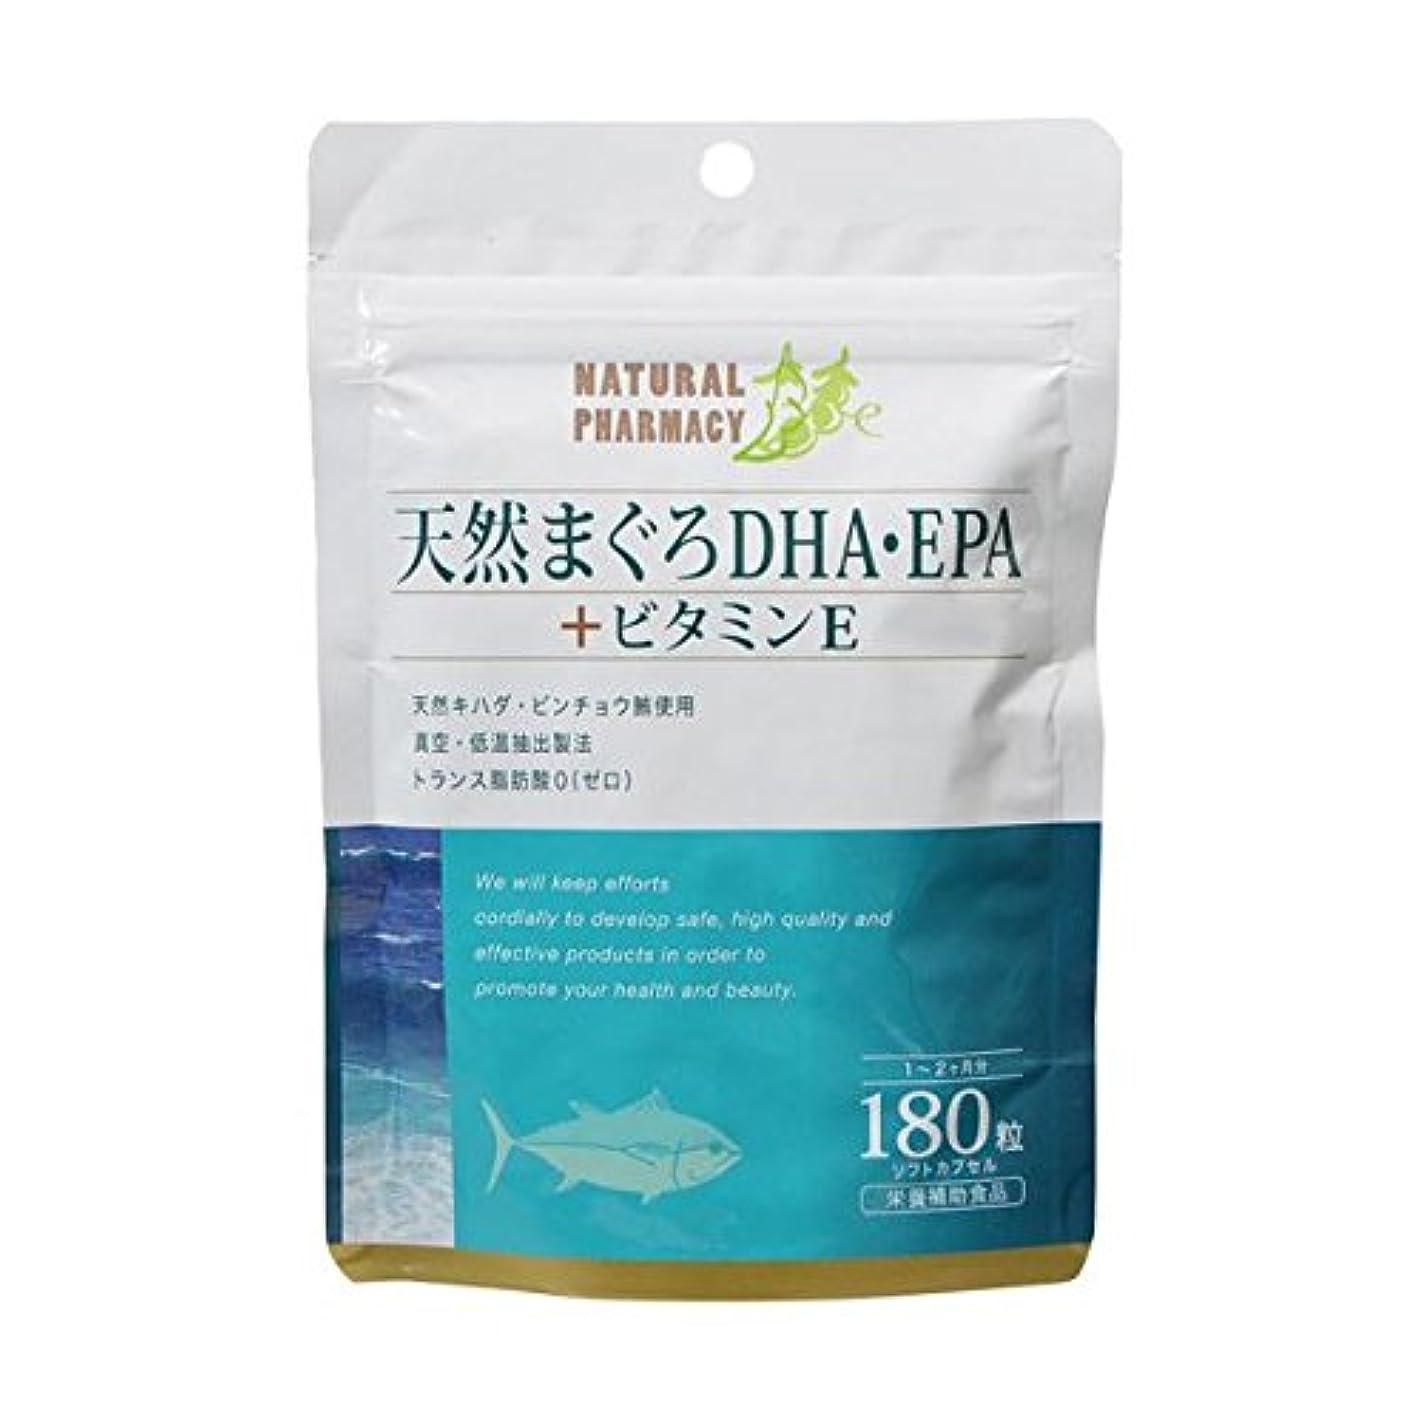 ウッズ歯科の戦士天然まぐろDHA・EPA+ビタミンE 180粒 ×2個セット【すみや】